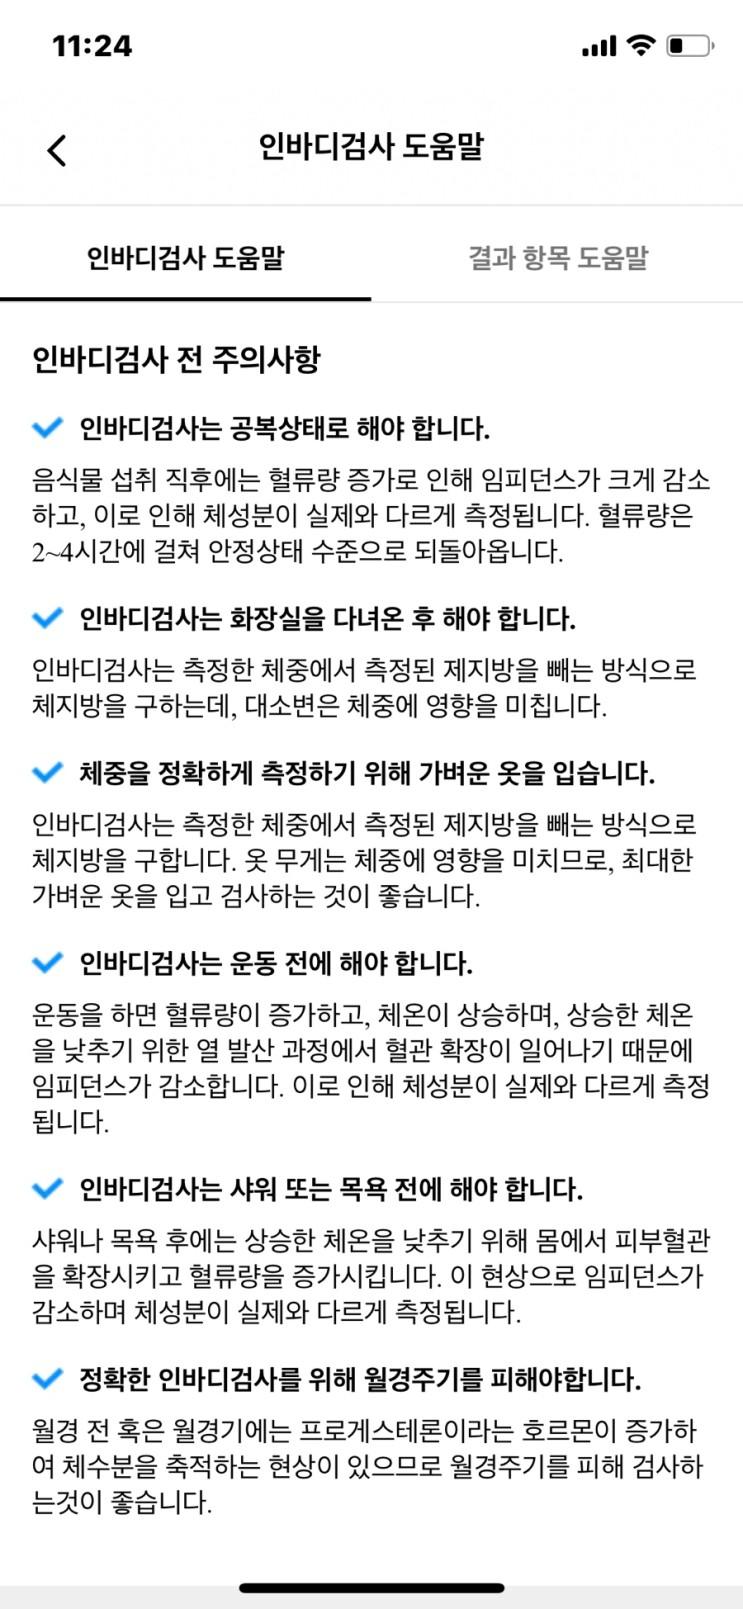 인바디 앱으로 인바디 보는 법